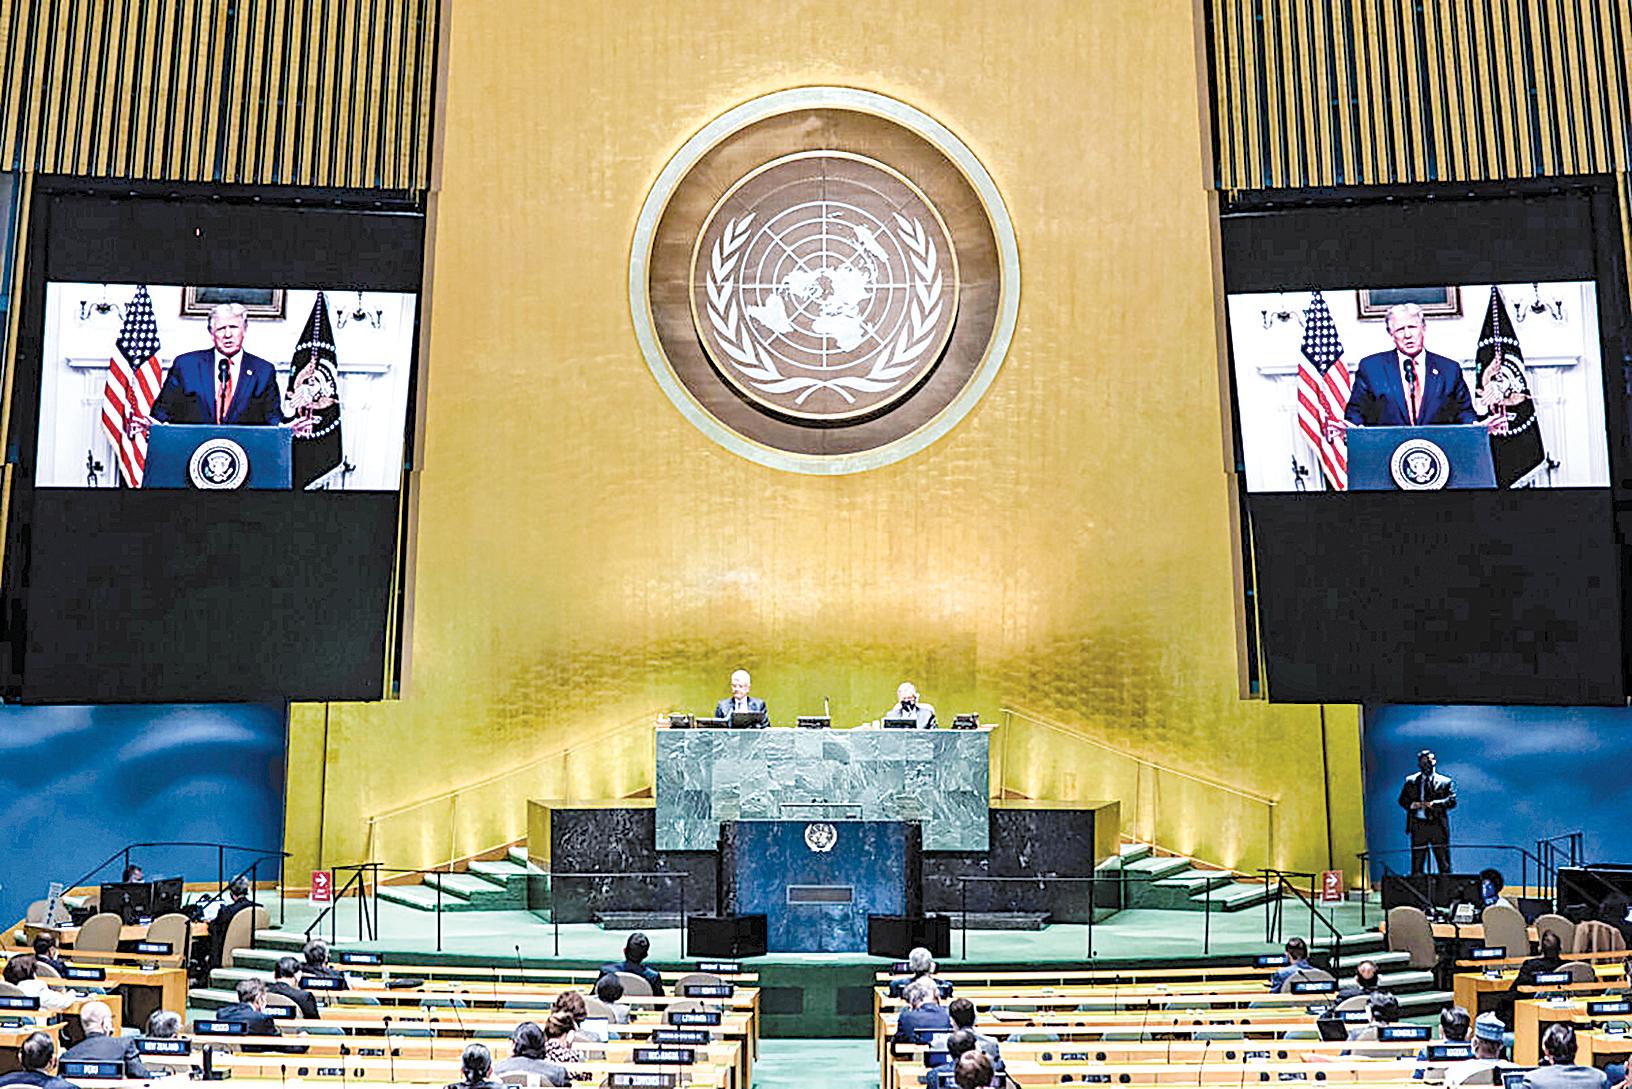 9月22日,美國總統特朗普以影片方式參加聯合國成立75年大會,特朗普在演講中表示,聯合國必須要求中共對這次散播全球的疫情負責。(Eskinder DEBEBE/UNITED NATIONS/AFP)